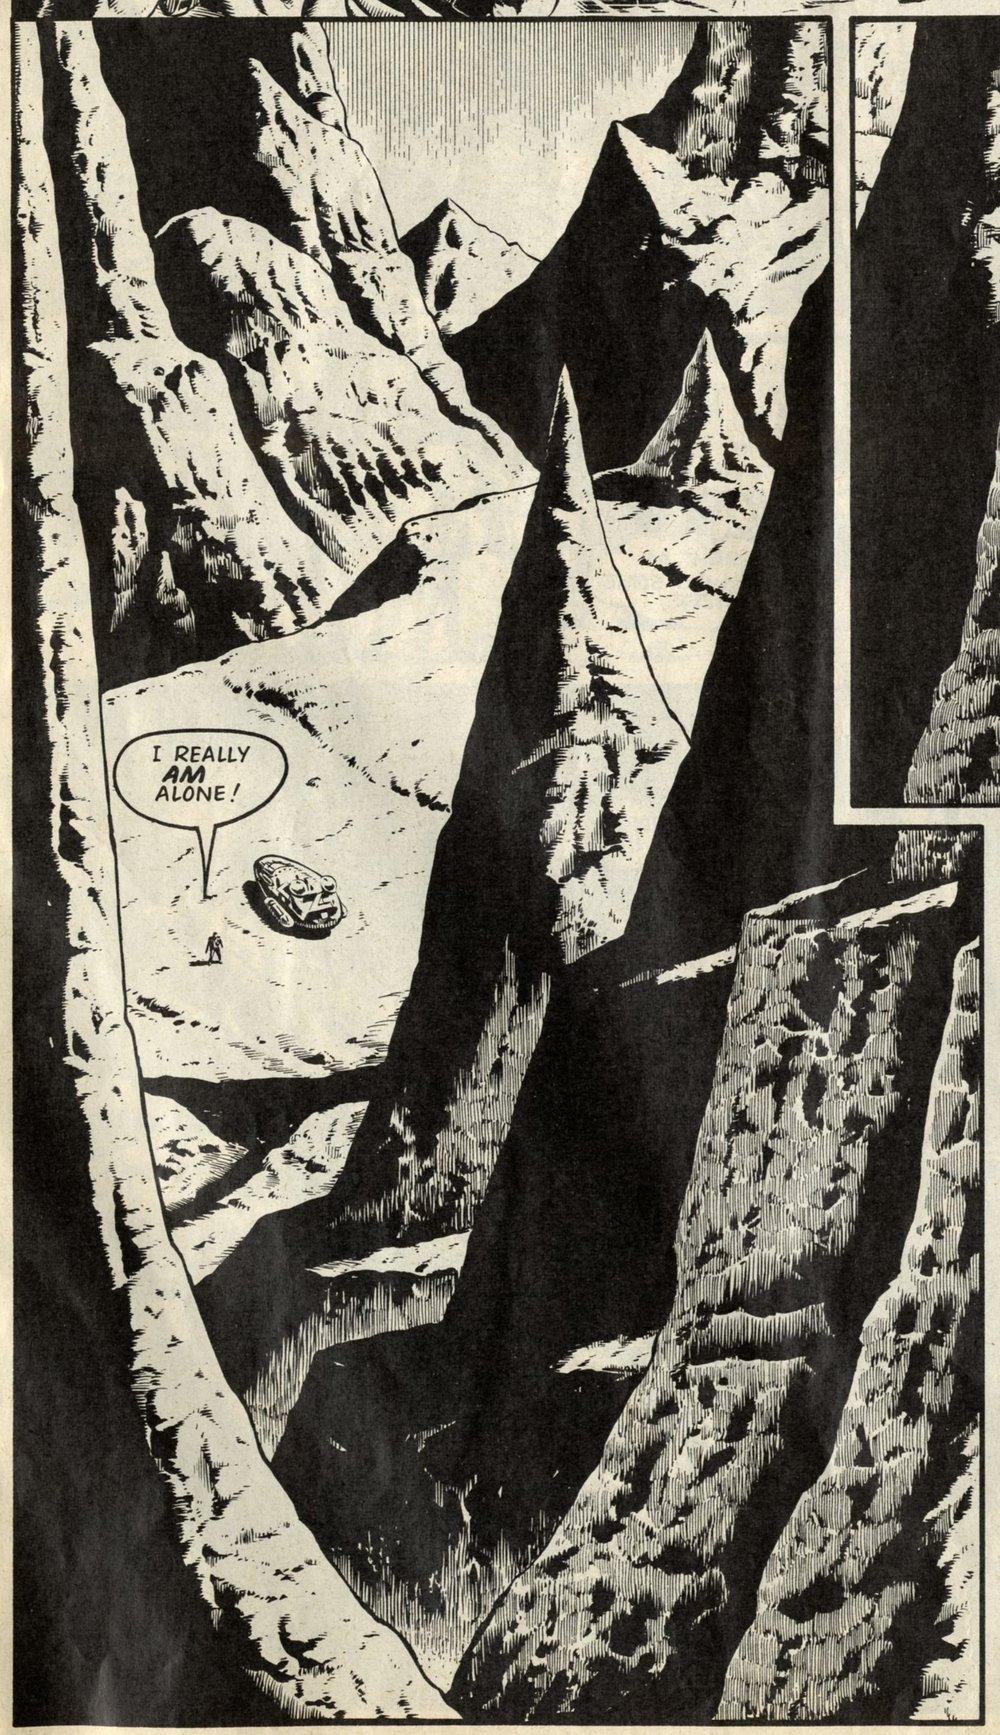 Loner: David Pugh (artist)